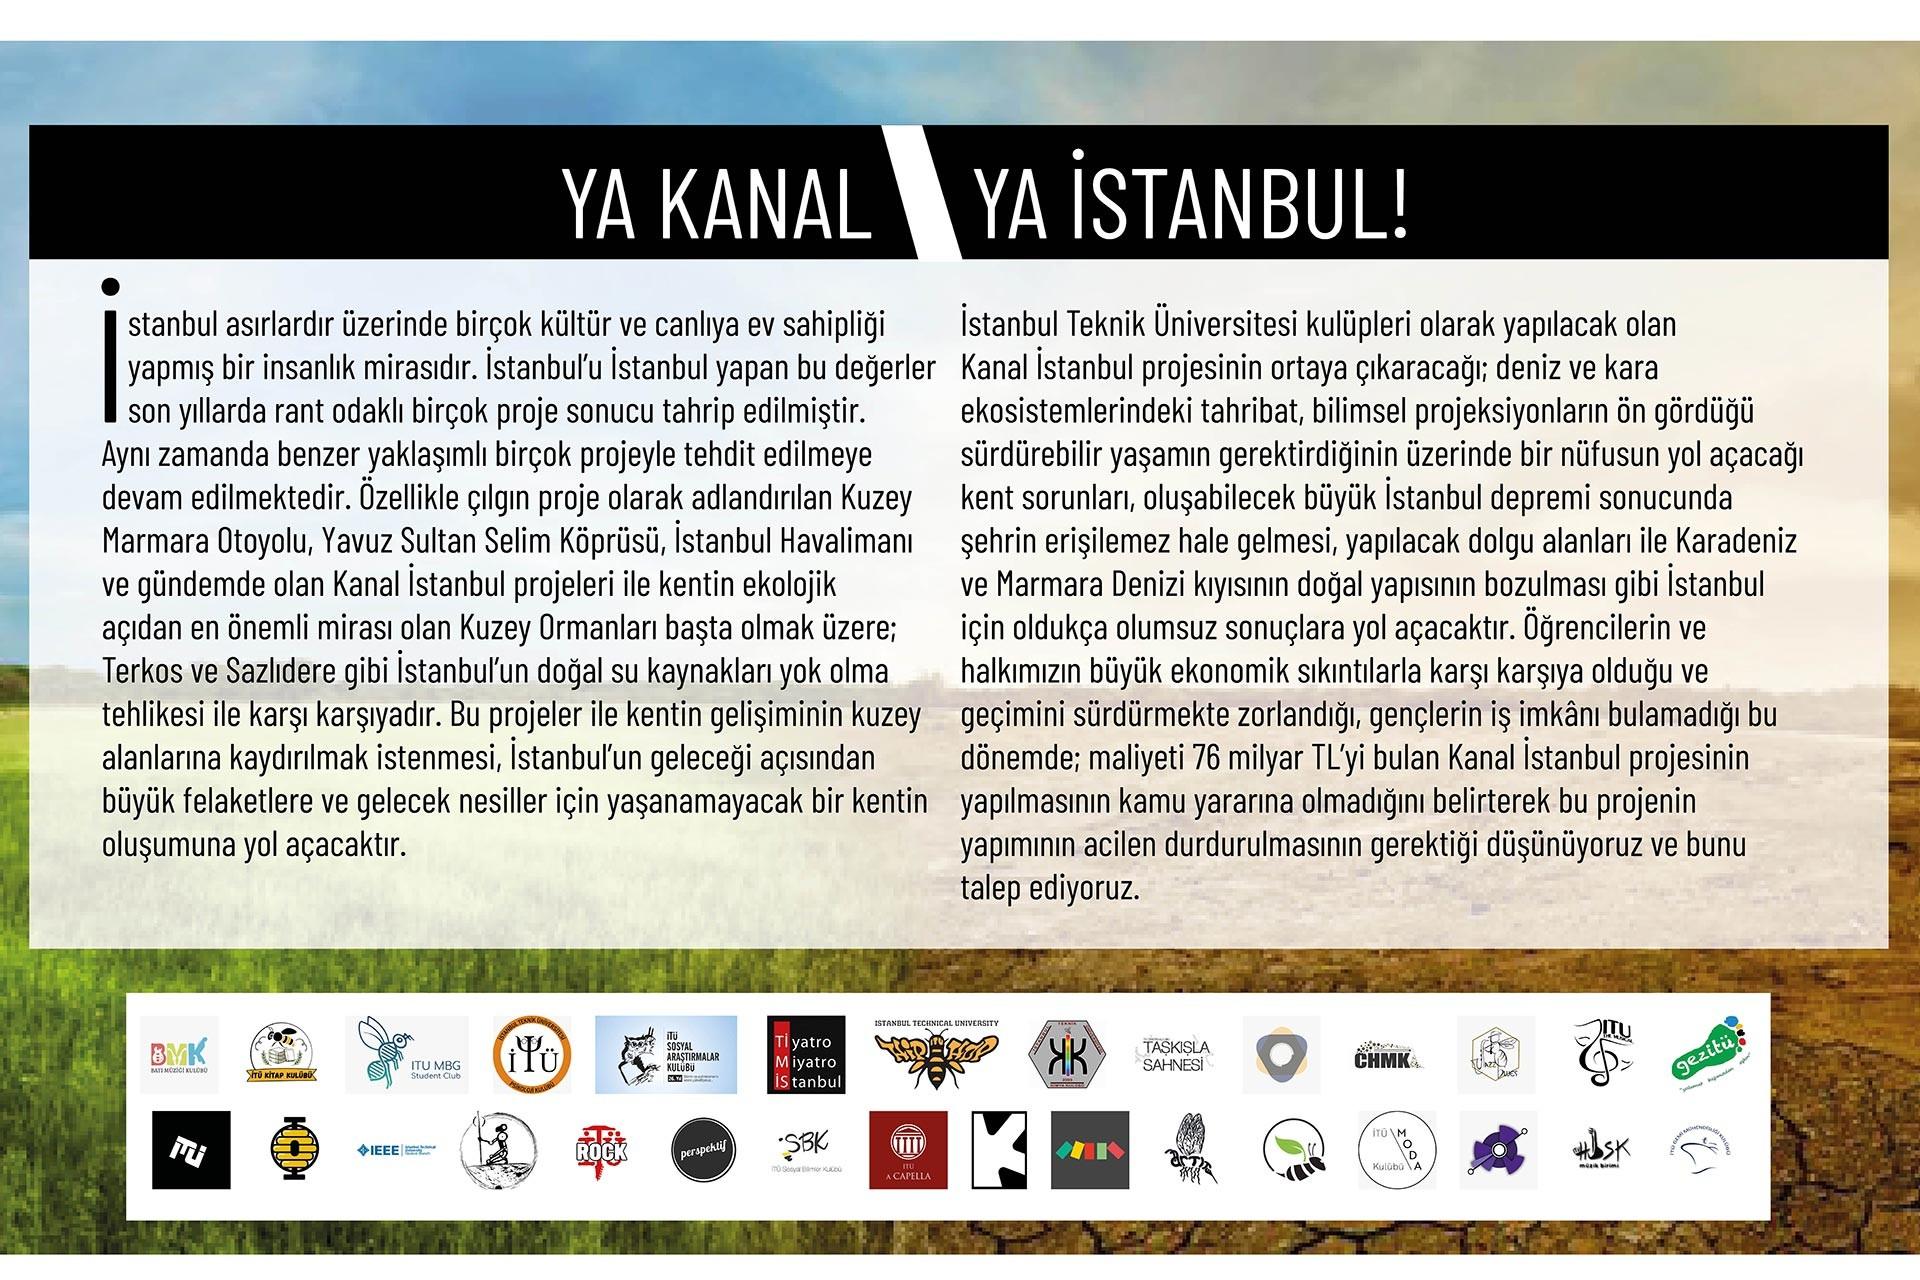 İTÜ öğrencilerinin 'Ya kanal ya İstanbul!' başlıklı bildirisi